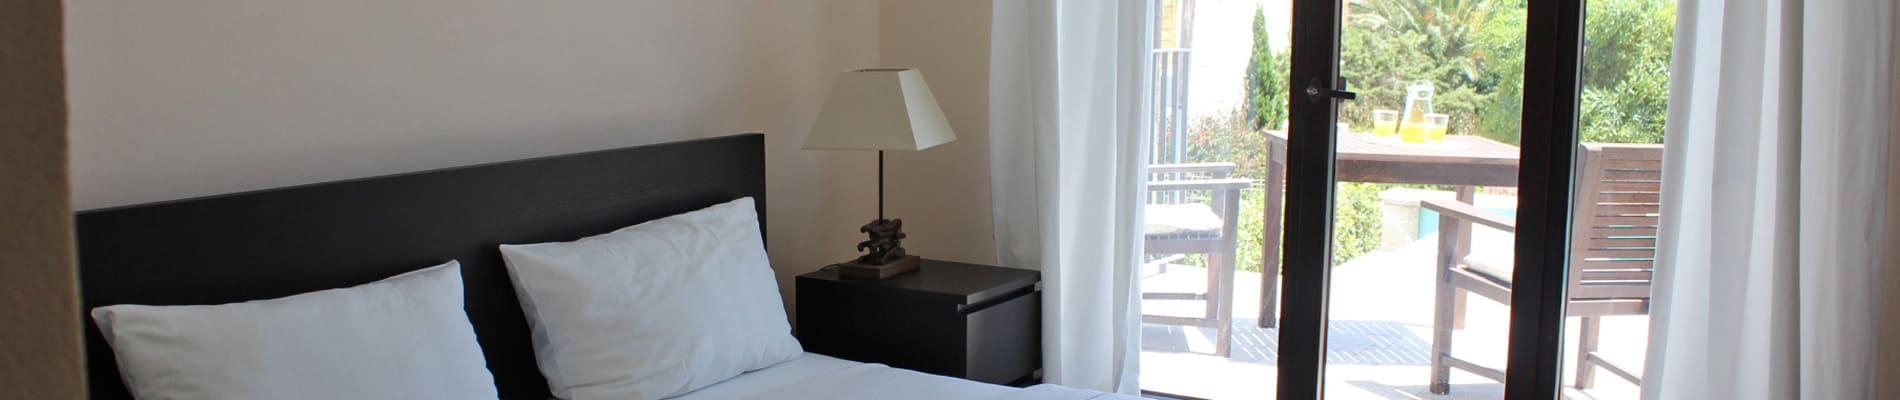 Ausstattung Ferienfinca Mallorca